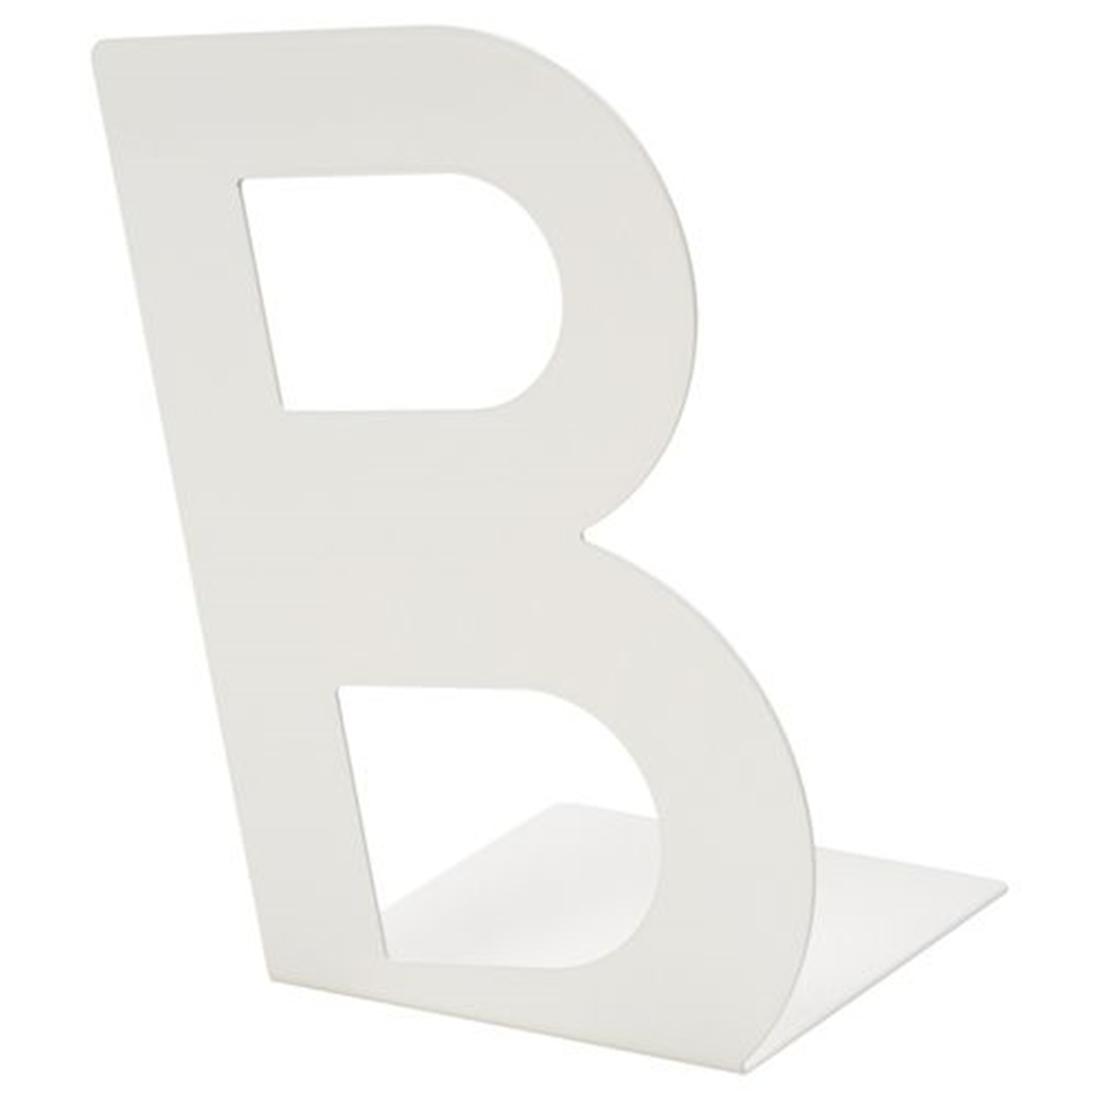 Ограничитель для книг, белый БУСБАССЕ [803.889.88] 803.889.88